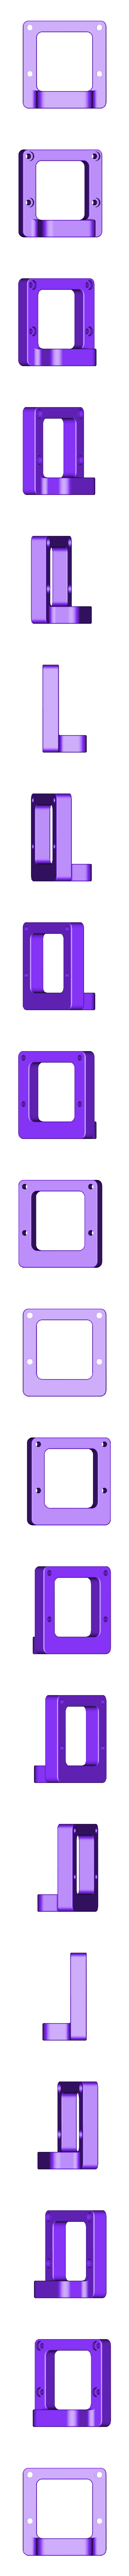 Ender-3 Pro_5D Bin Mounting Bracket.STL Download STL file Ender 3 Pro Storage Mod Kit • Object to 3D print, a3rdDimension